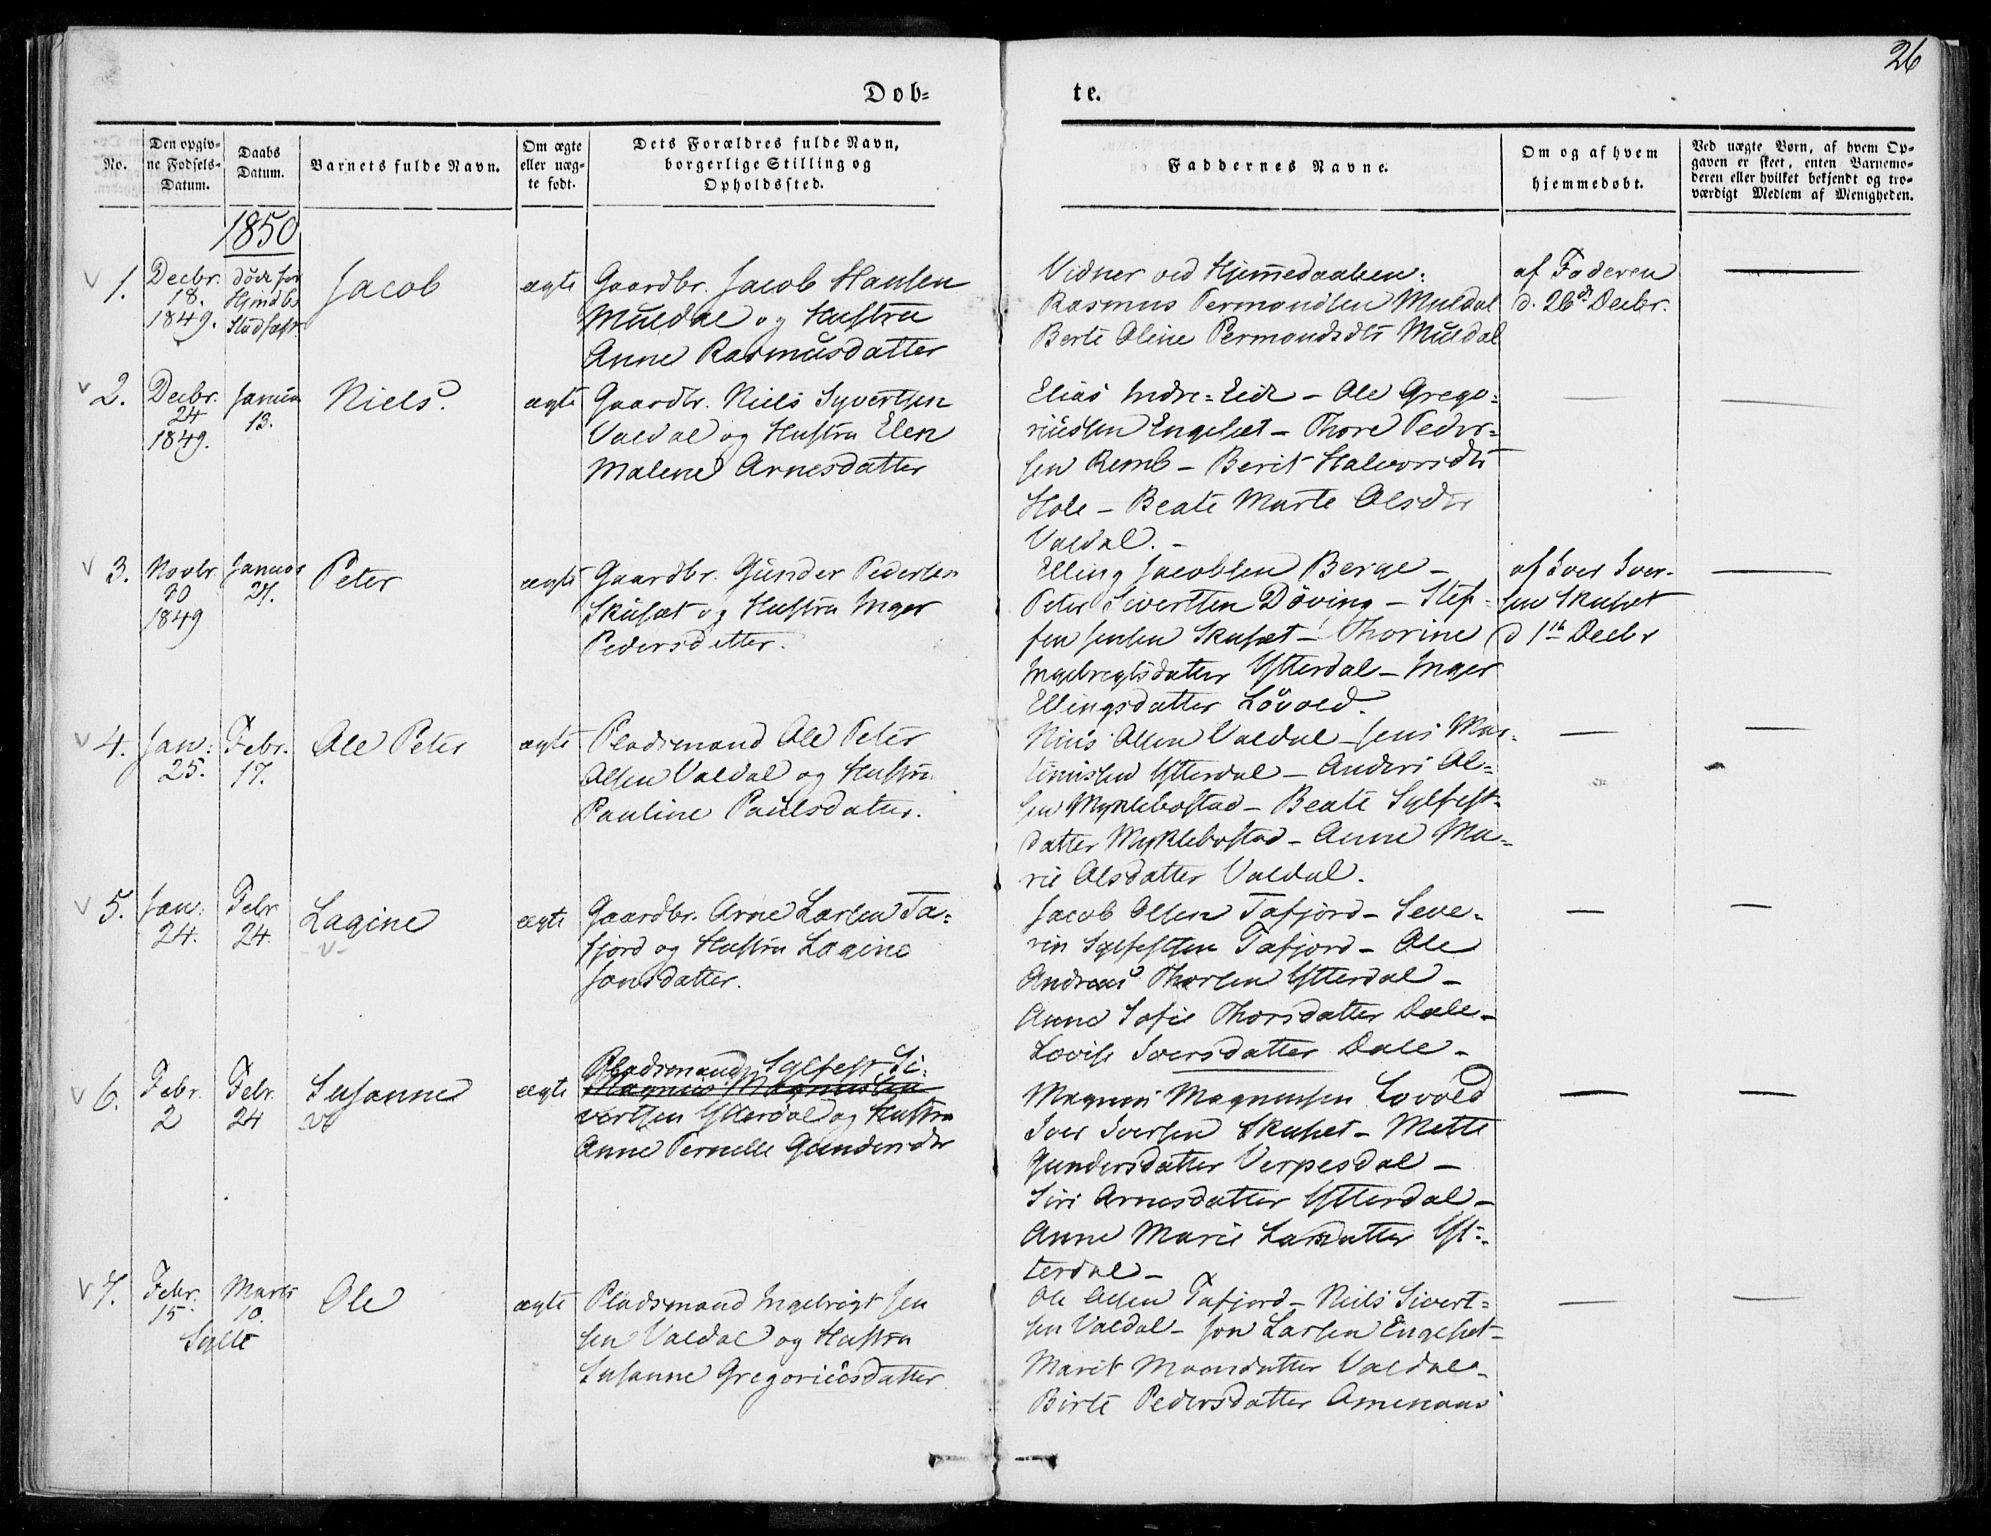 SAT, Ministerialprotokoller, klokkerbøker og fødselsregistre - Møre og Romsdal, 519/L0249: Ministerialbok nr. 519A08, 1846-1868, s. 26